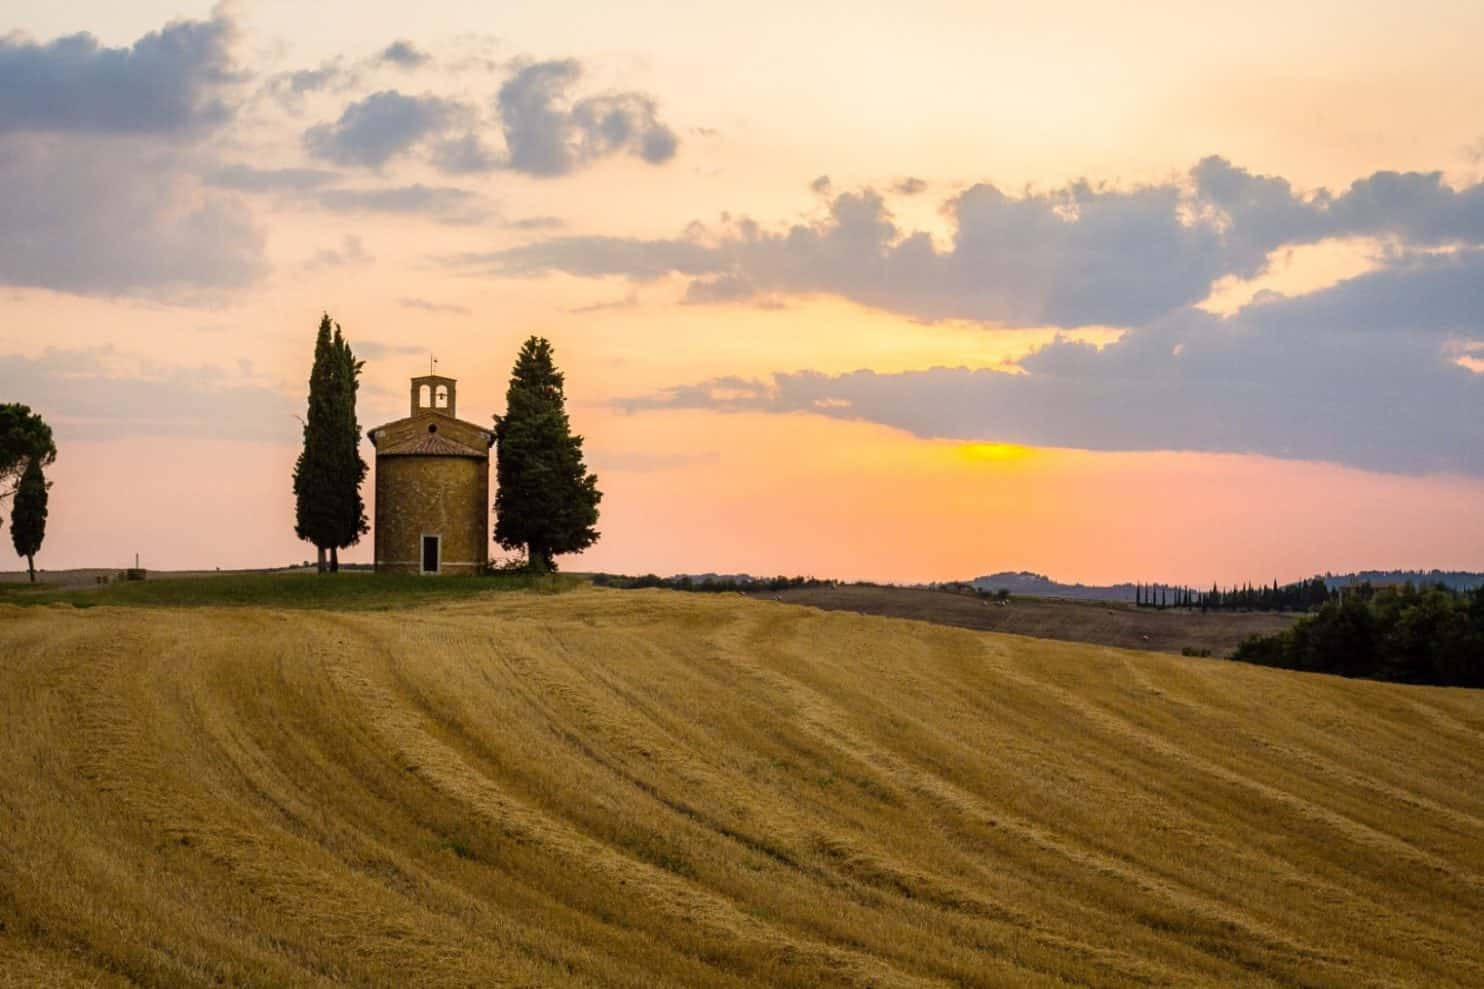 Tuscany - Two Week Italy Itinerary